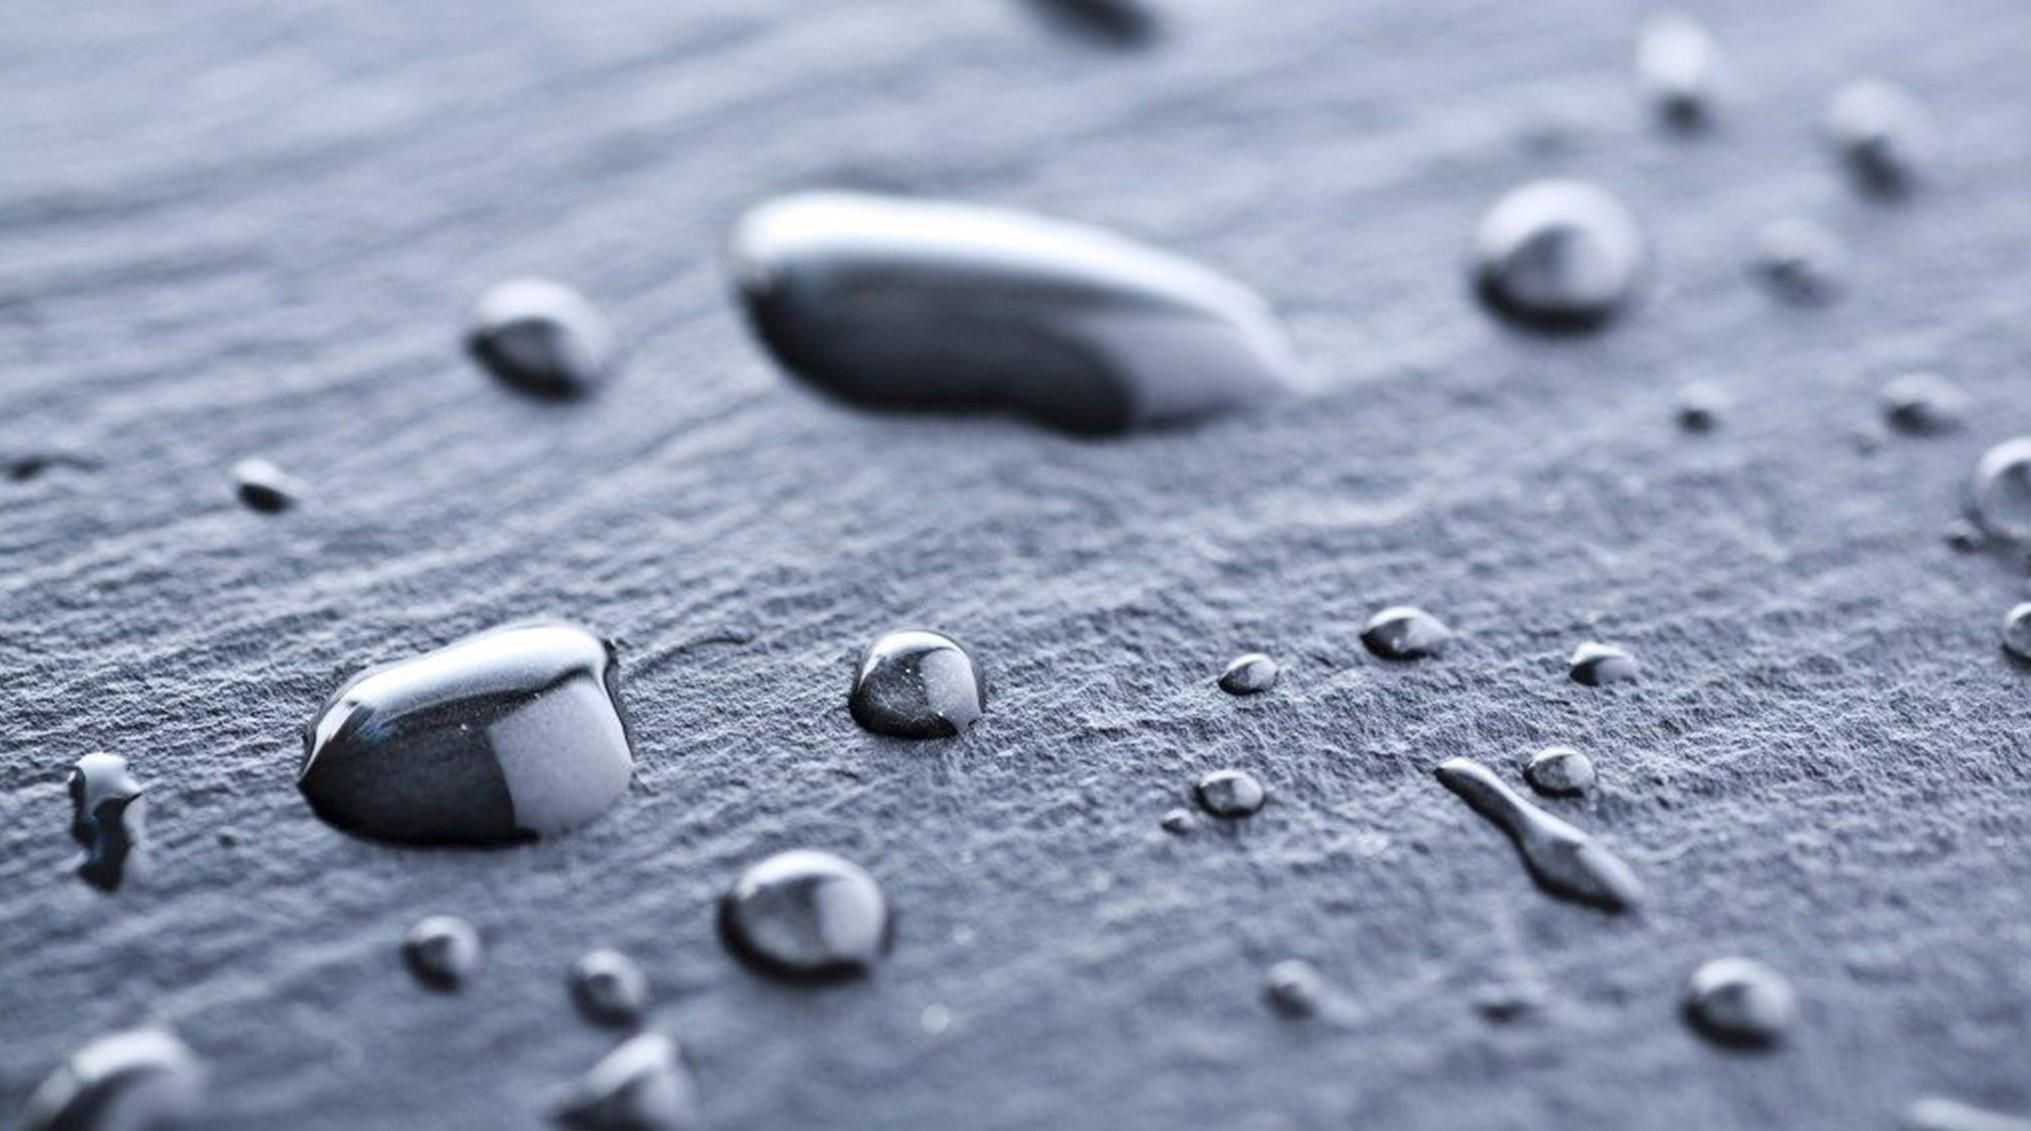 جذب آب در کاشی و سرامیک